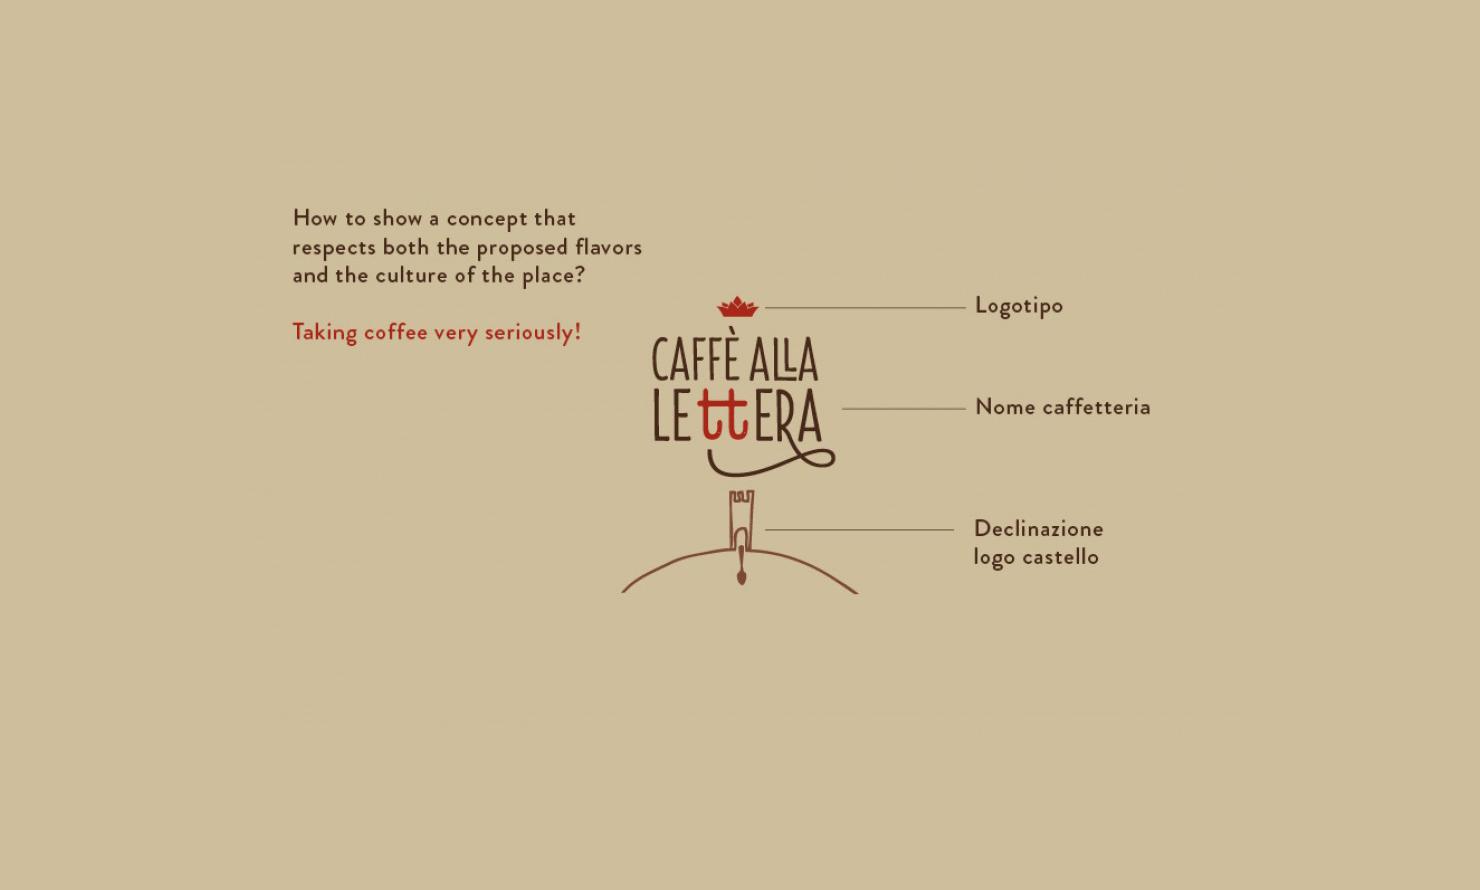 https://www.kubelibre.com/uploads/Slider-work-tutti-clienti/manital-vistaterra-caffè-alla-lettera-la-caffetteria-di-vistaterra-3.jpg